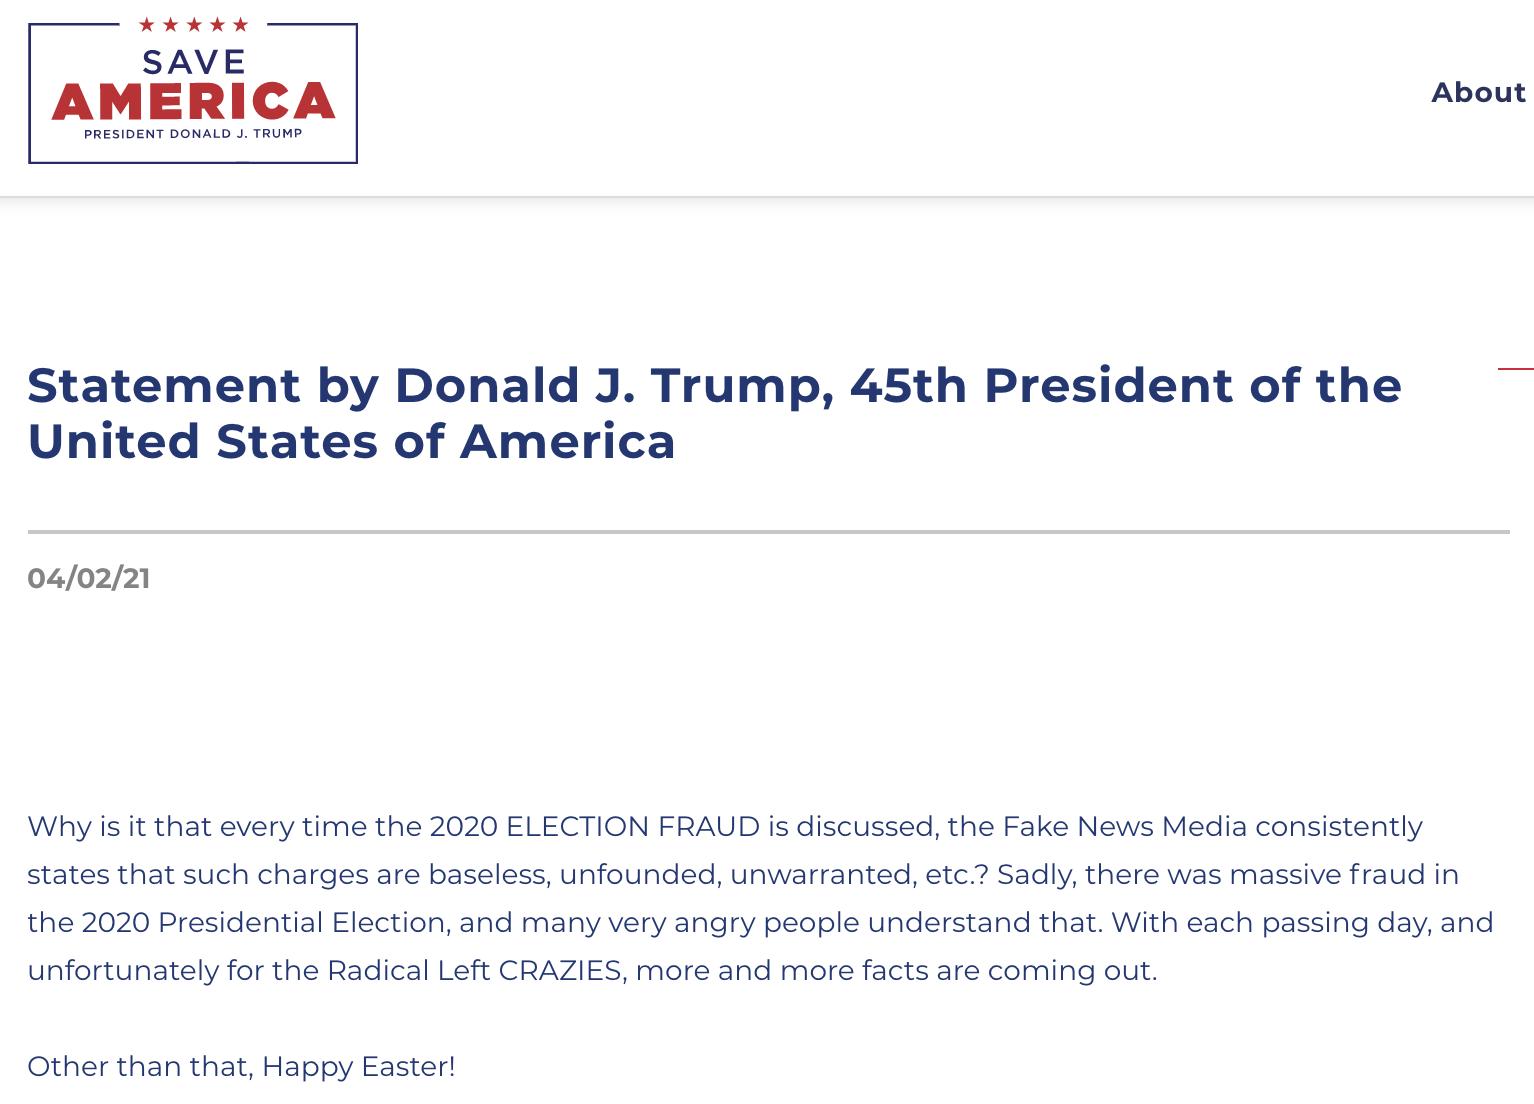 Trump's 4/2/21 statement